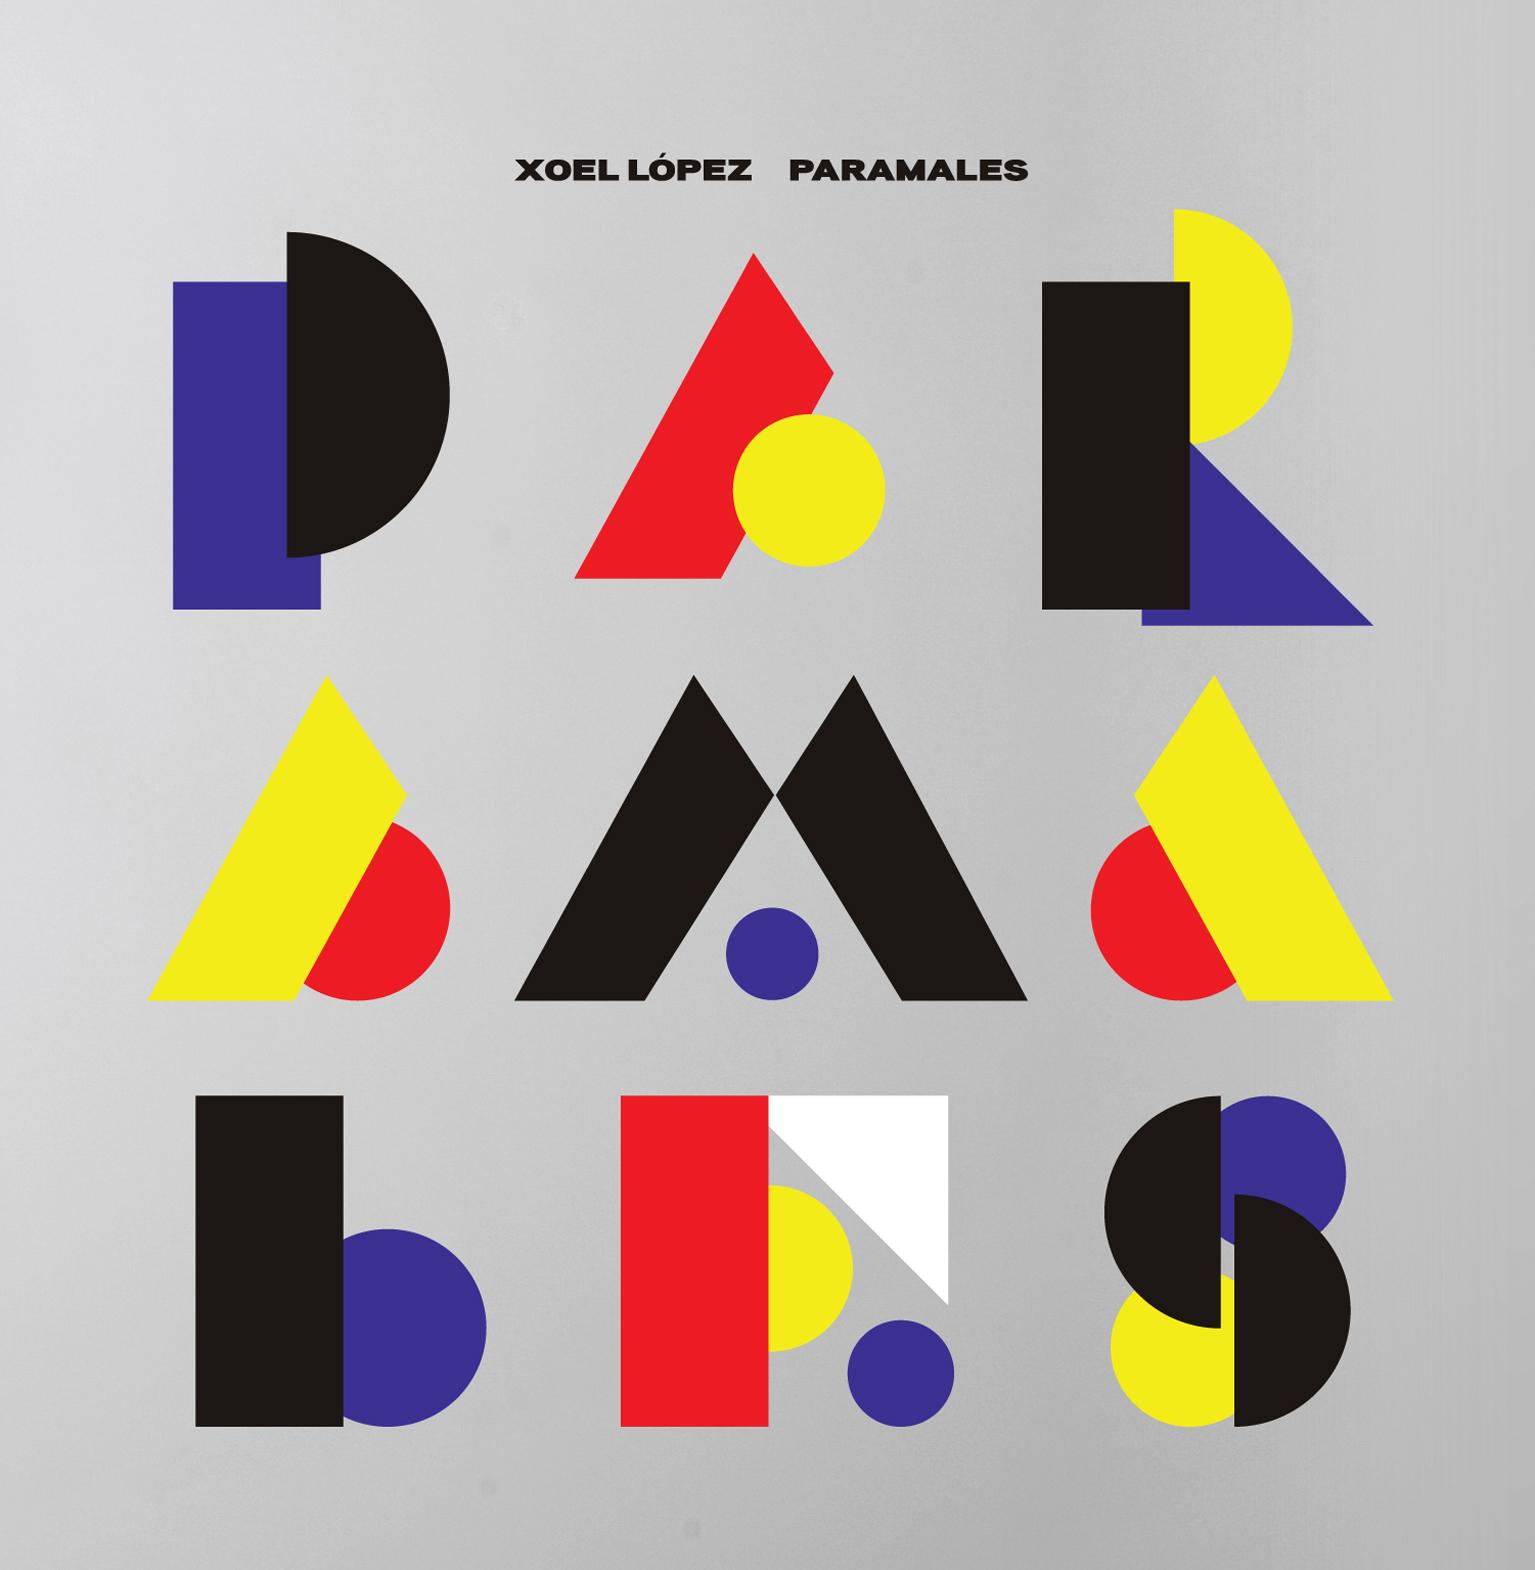 paramales-xoel-lopez-indie-indielogia-yo-solo-queria-que-me-llevaras-a-bailar